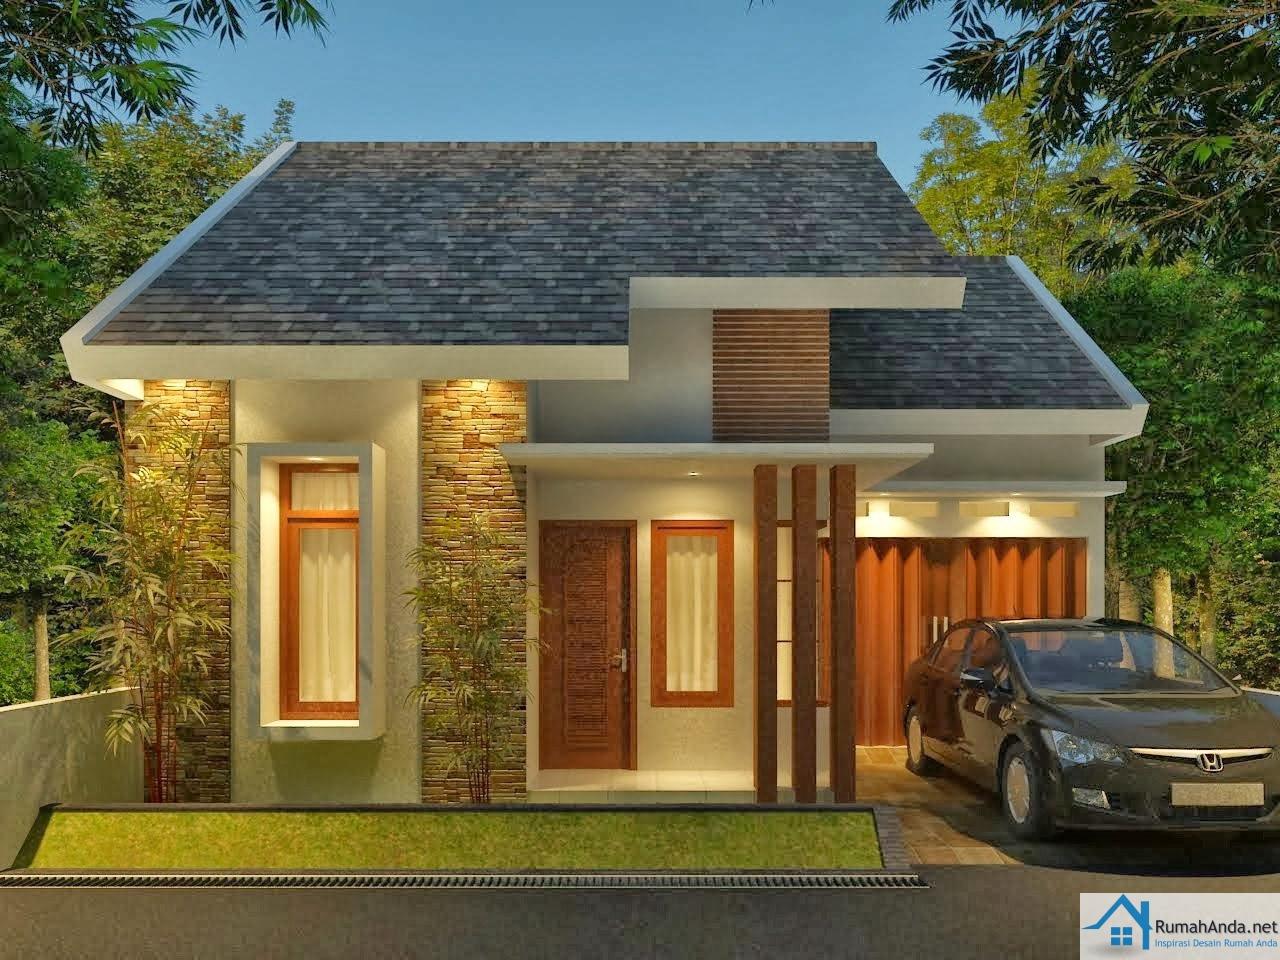 101 Desain Rumah Modern Dan Minimalis Gambar Desain Rumah Minimalis